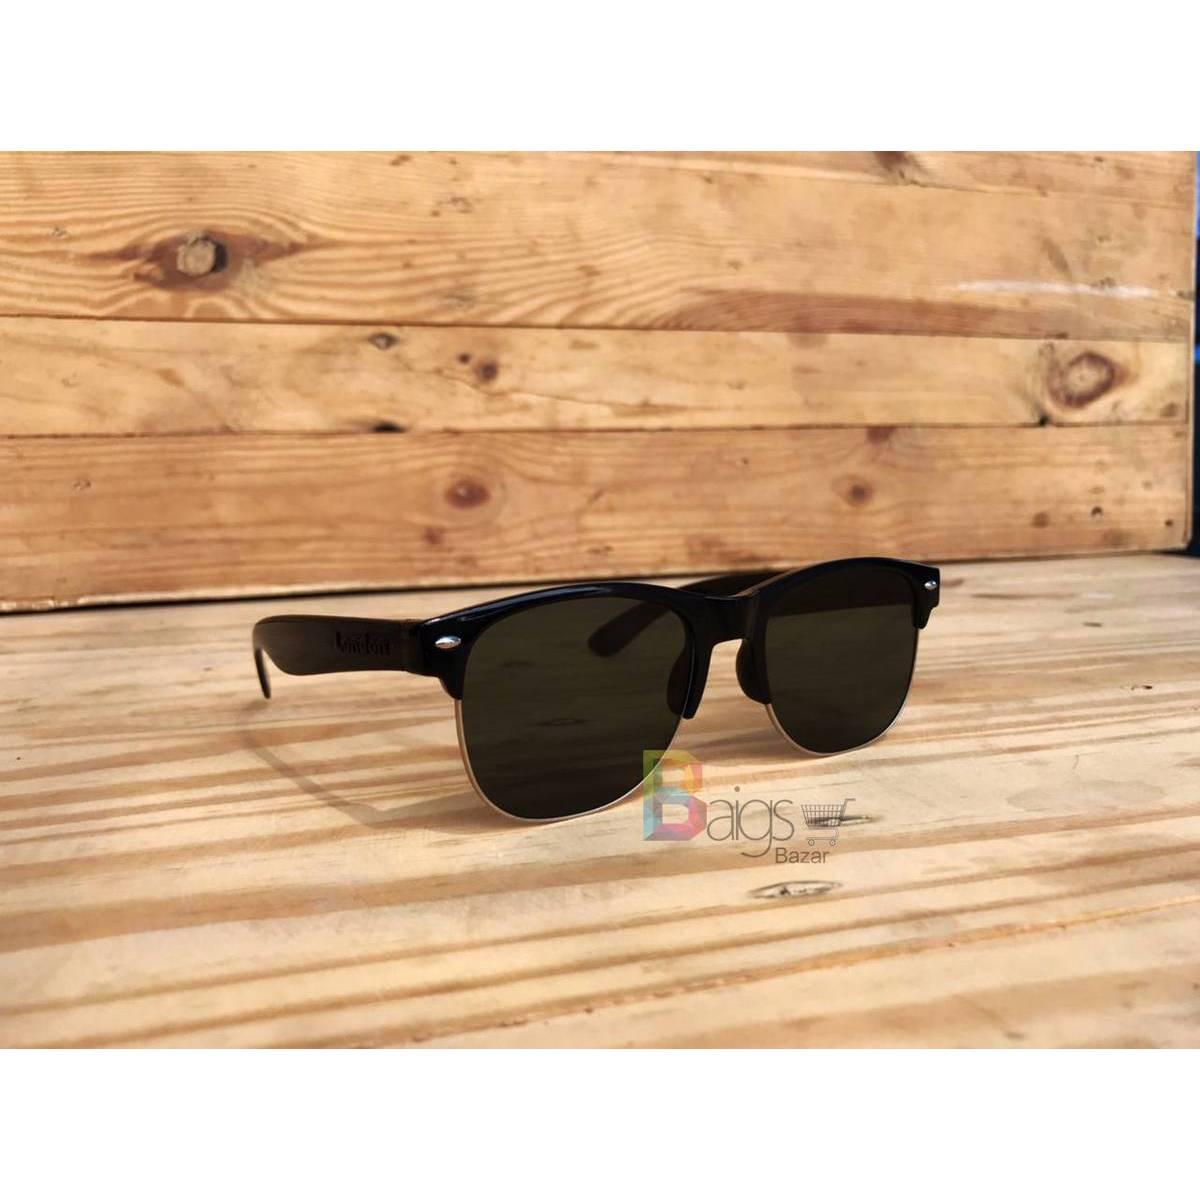 Jet Black Sunglasses For Men - Stylish Sun Glasses For Boys